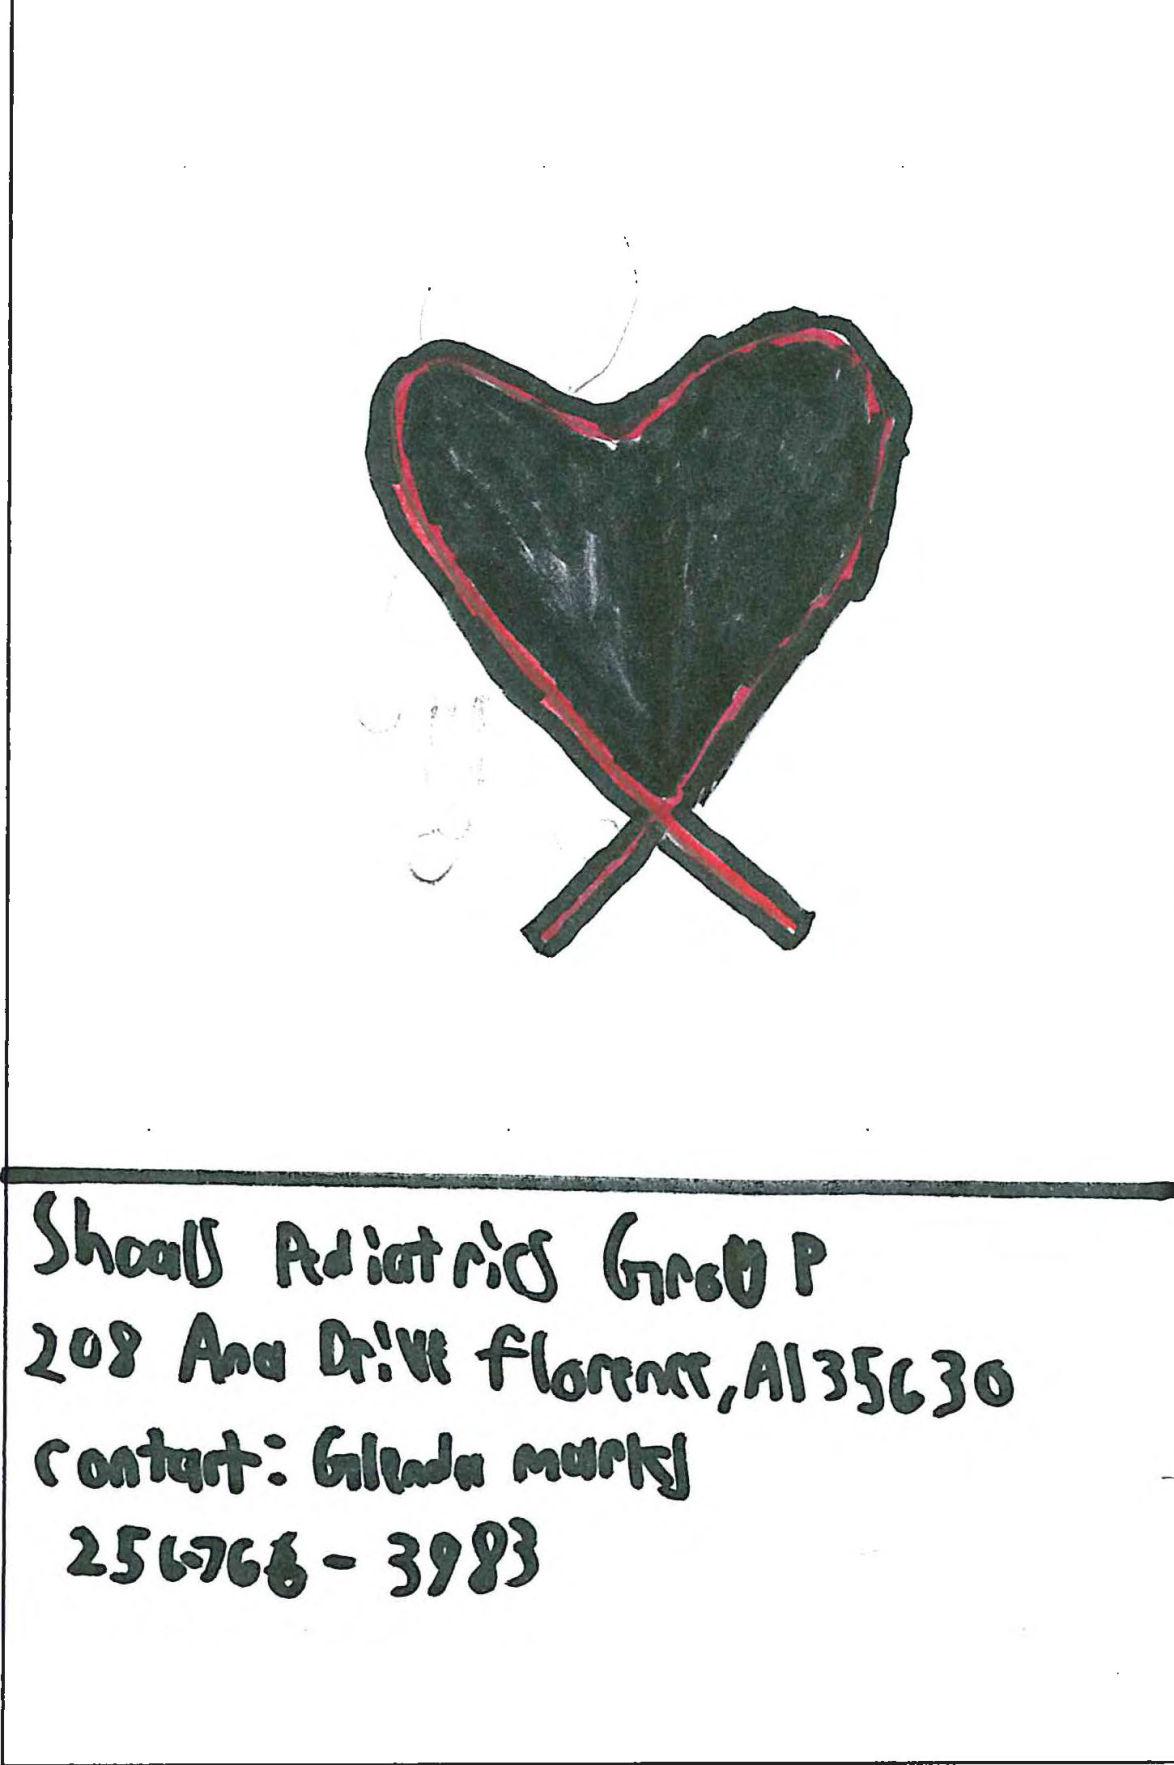 Andrew Storie, Shoals Christian School.jpg